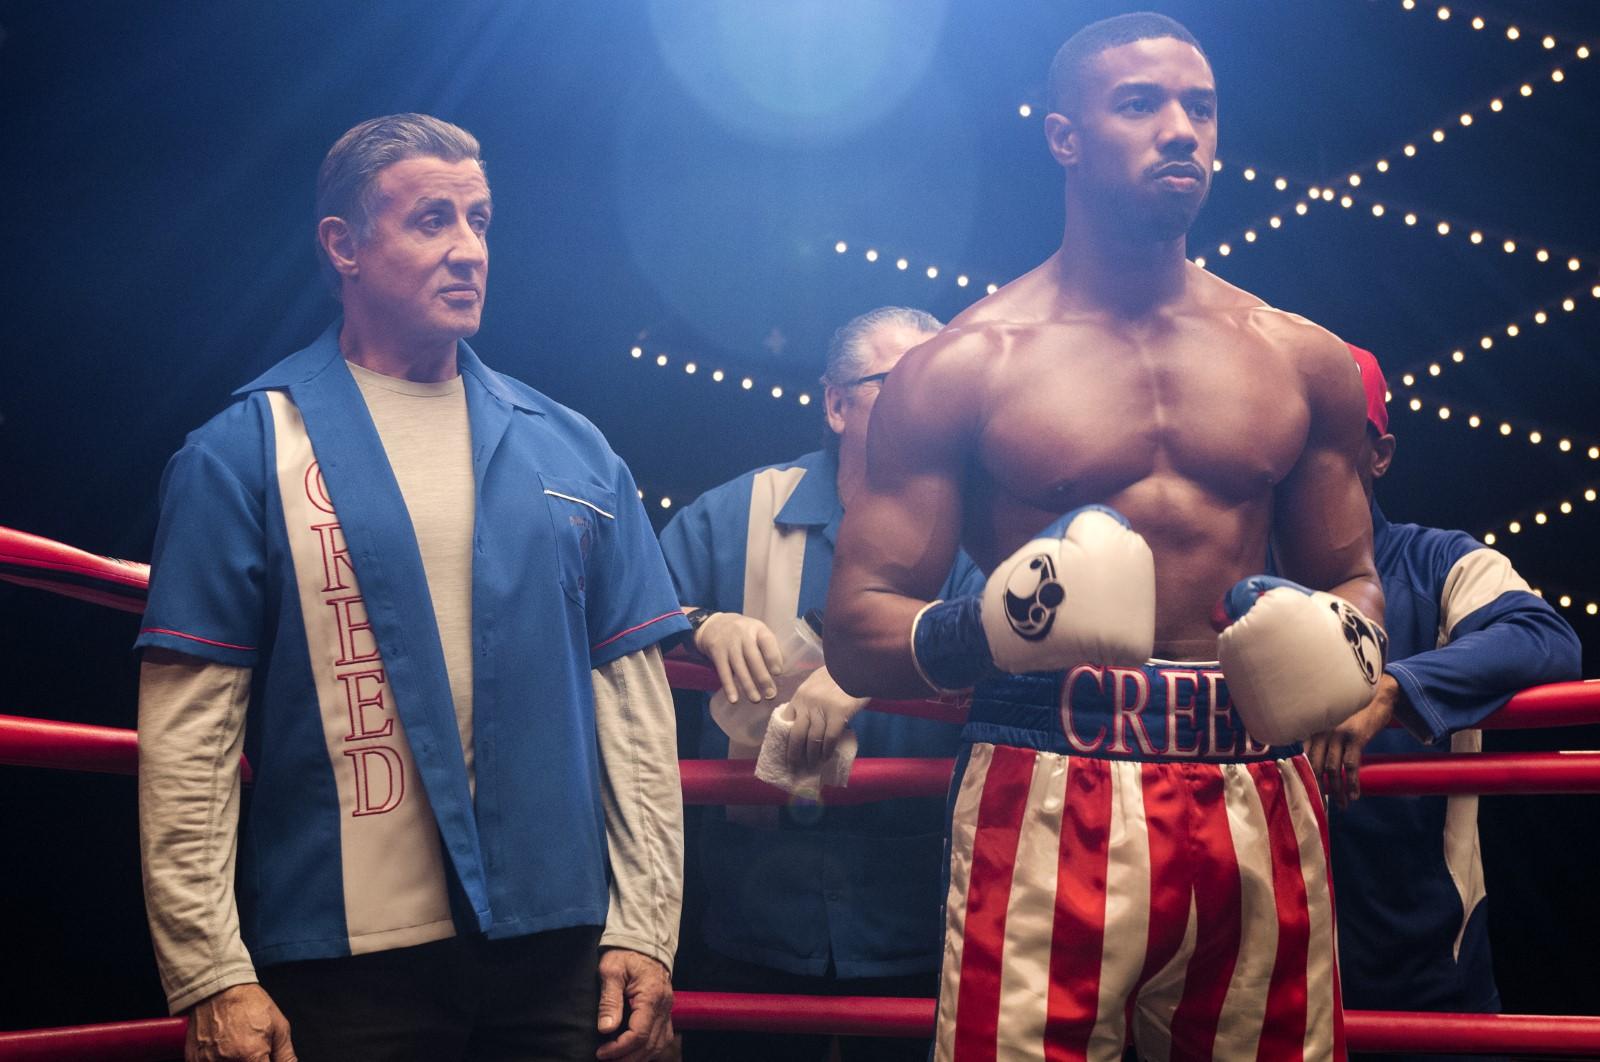 Creed II: La leyenda de Rocky_imagen4